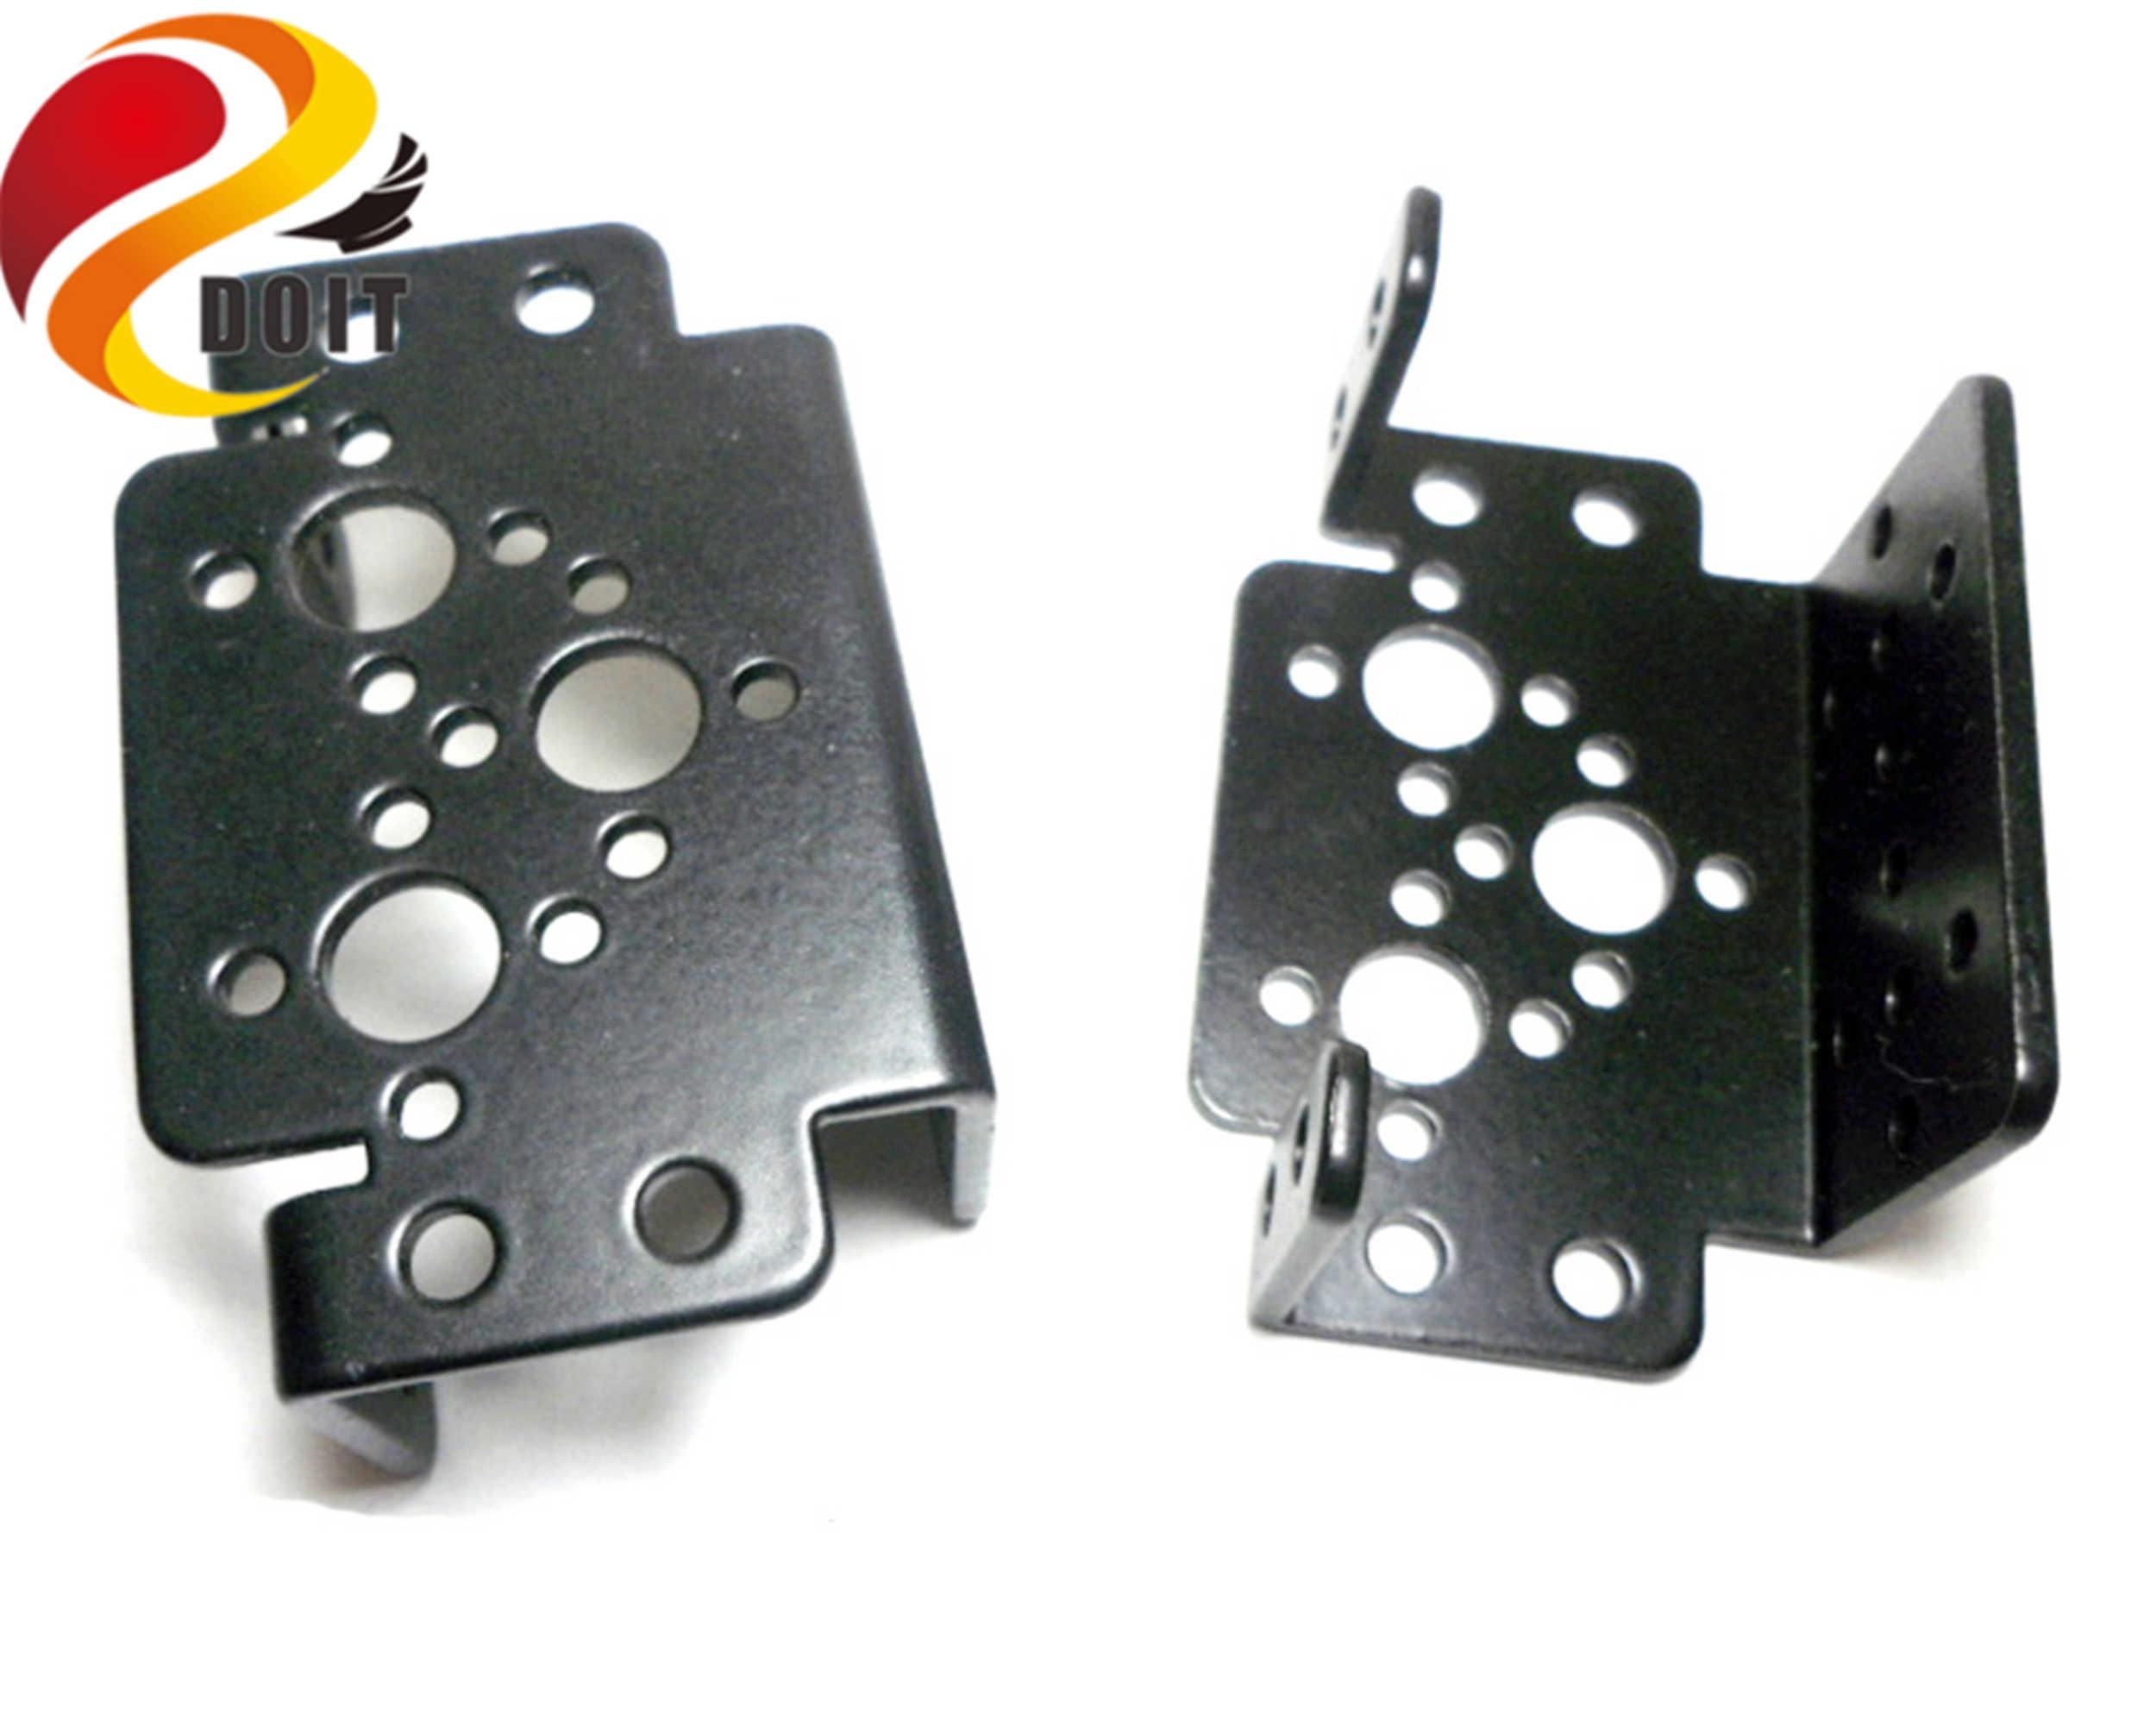 SZDOIT معدن متعدد الوظائف القياسية سيرفو قوس 2 مللي متر عموم و إمالة قوس ل RC ذراع آلي جزء